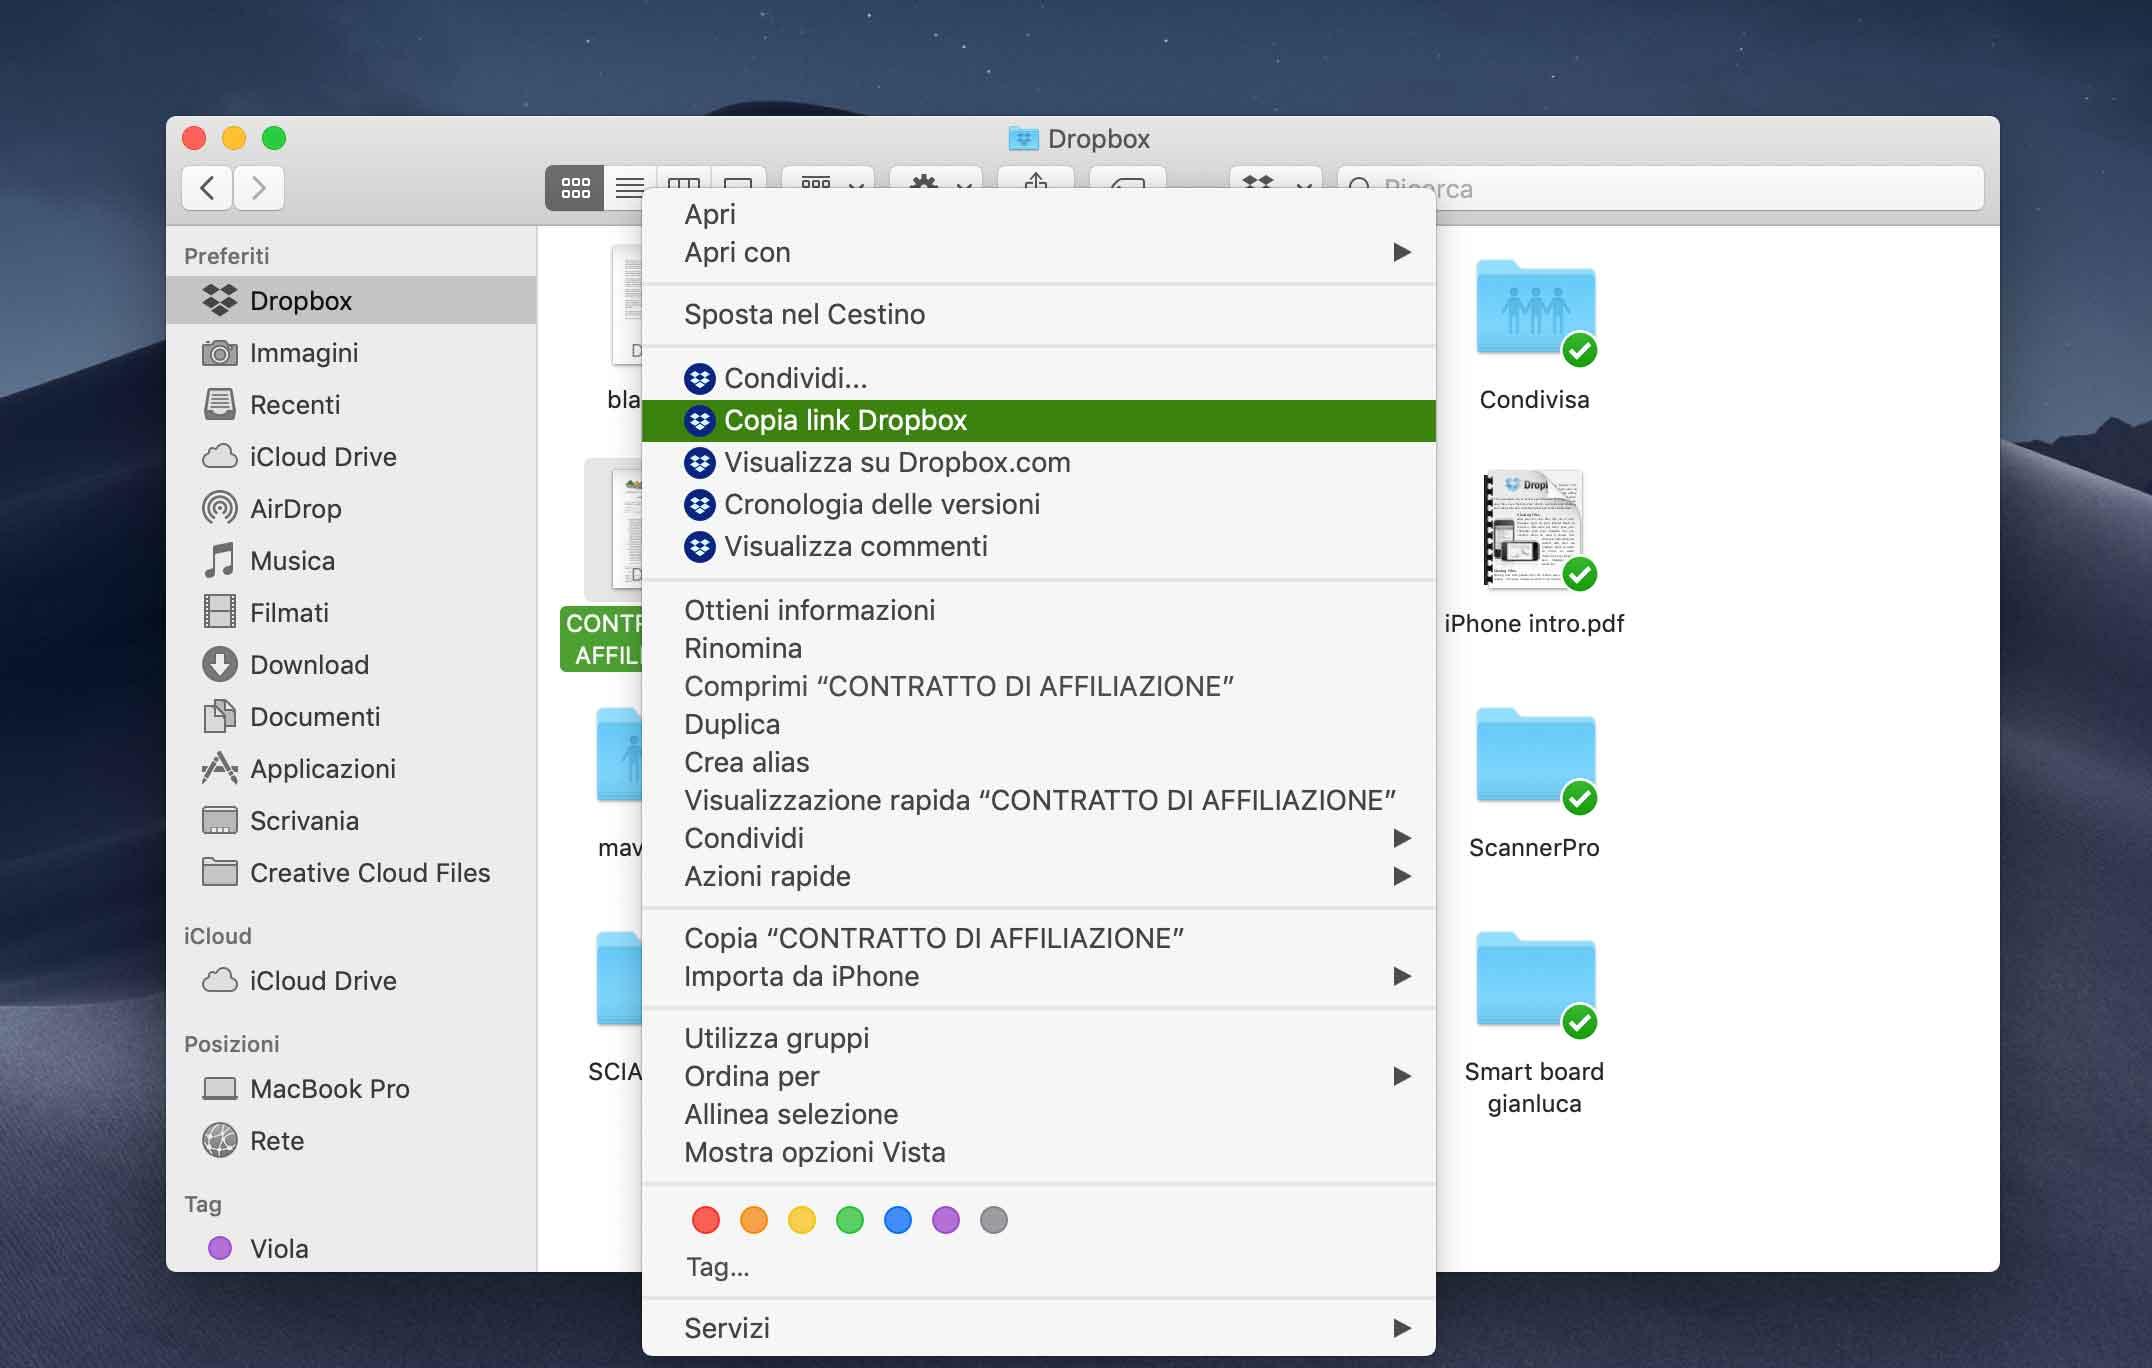 L'integrazione con Finder su Mac consente di vedere le icone di Dropbox nella cartella Dropbox e accedere al menu Dropbox tramite clic con il pulsante destro del mouse.